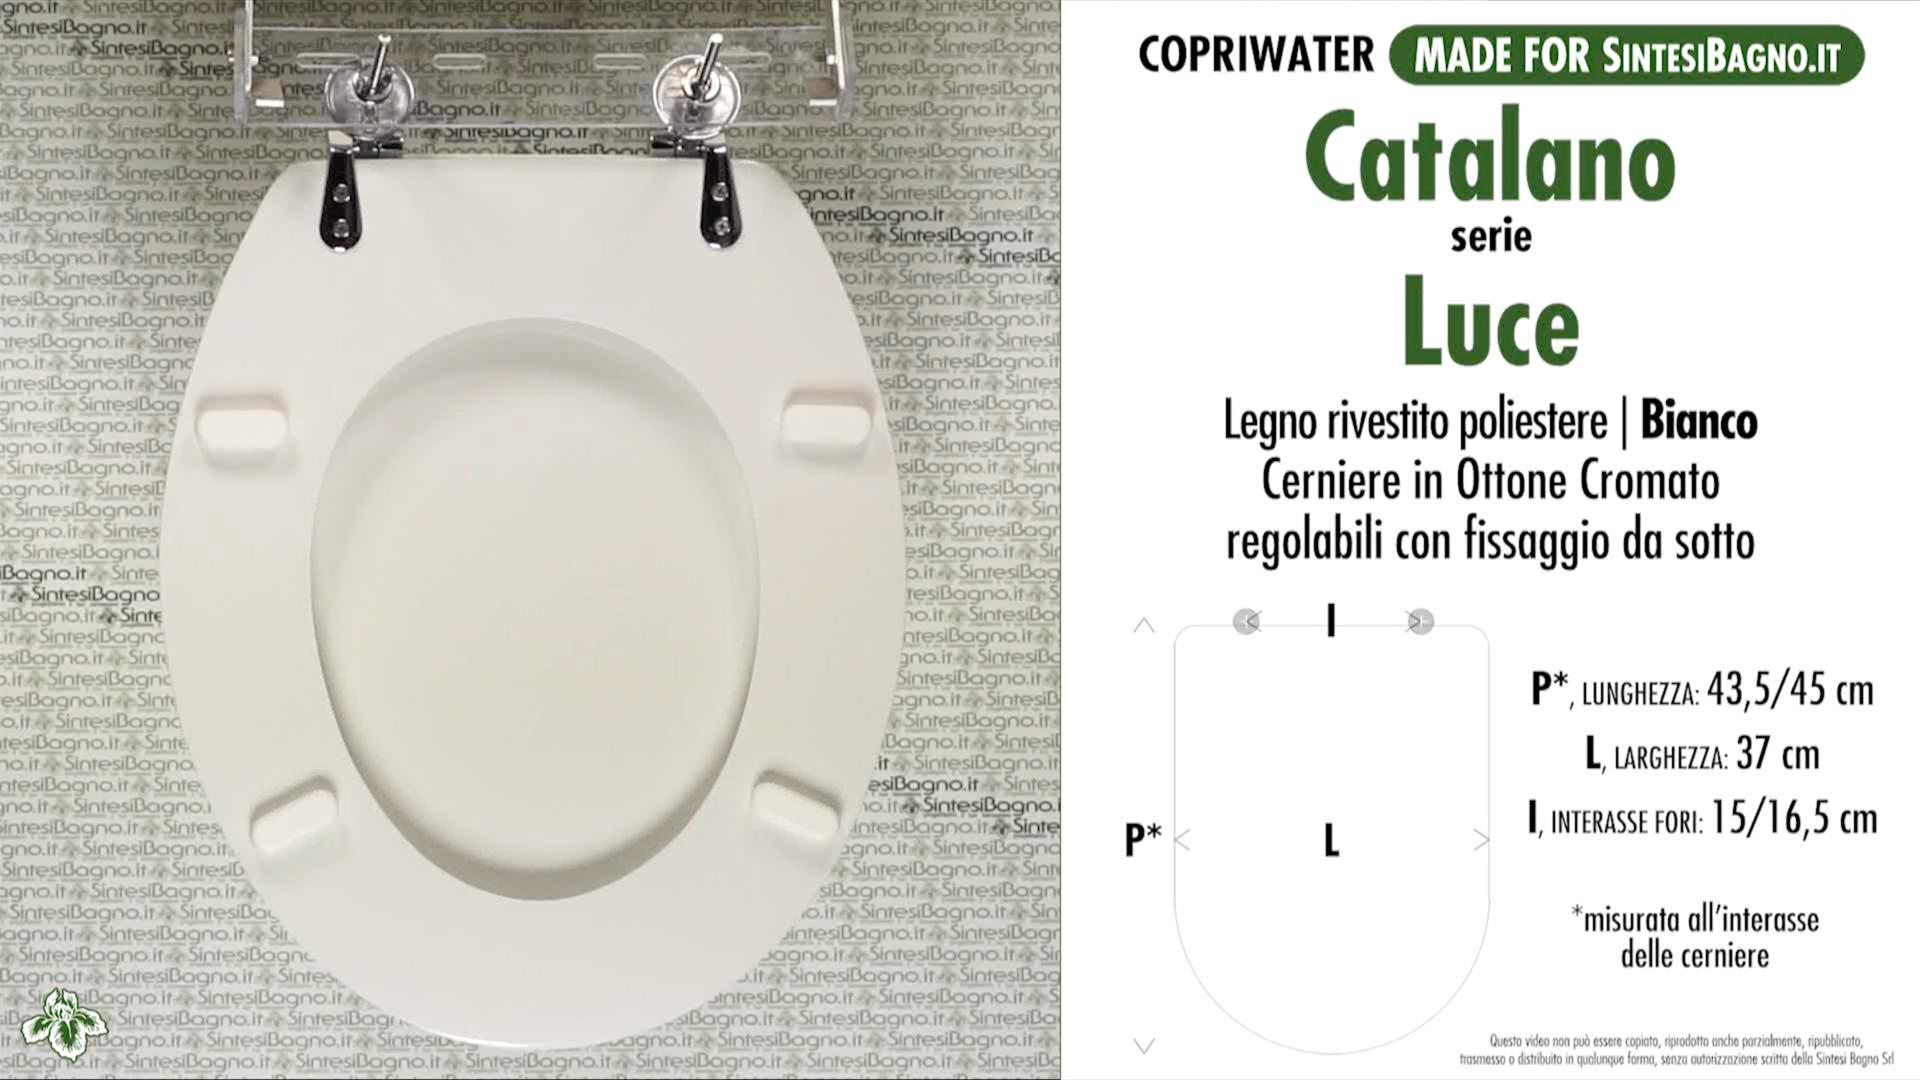 Ceramica Catalano Serie Luce.Schede Tecniche Misure Copriwater Catalano Serie Luce